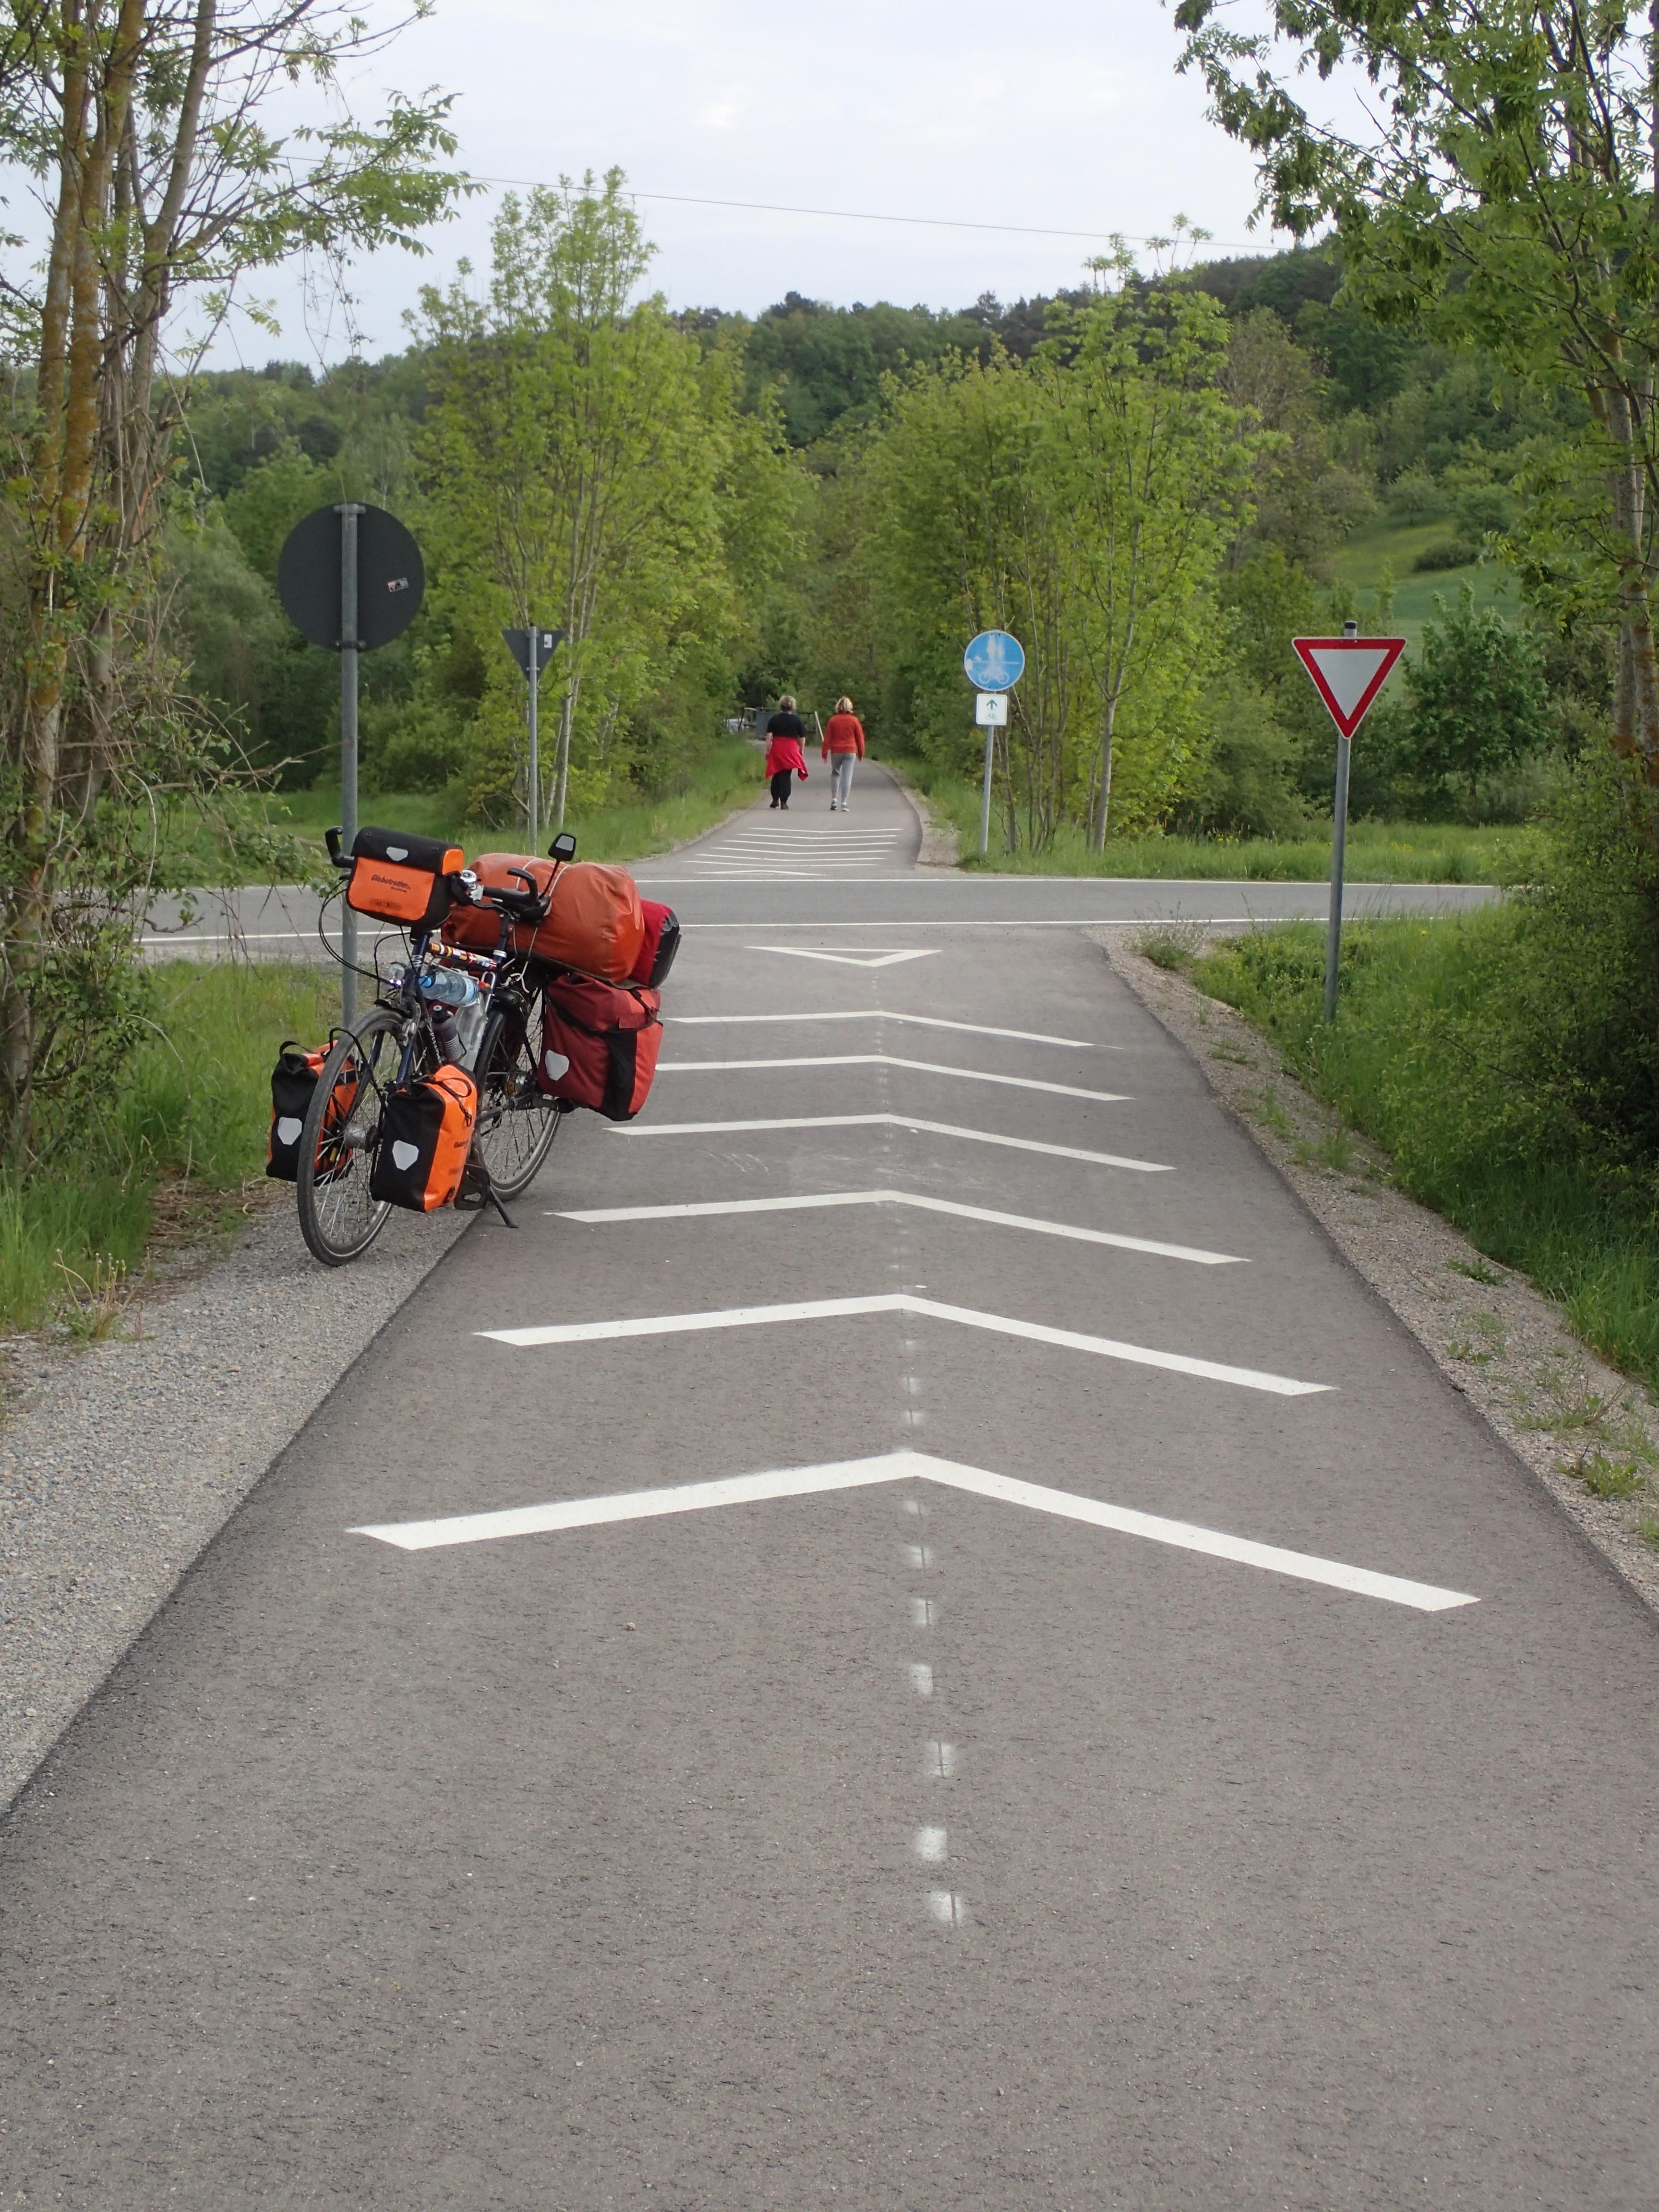 Markierungen auf dem Radweg weisen auf Wartepflicht hin